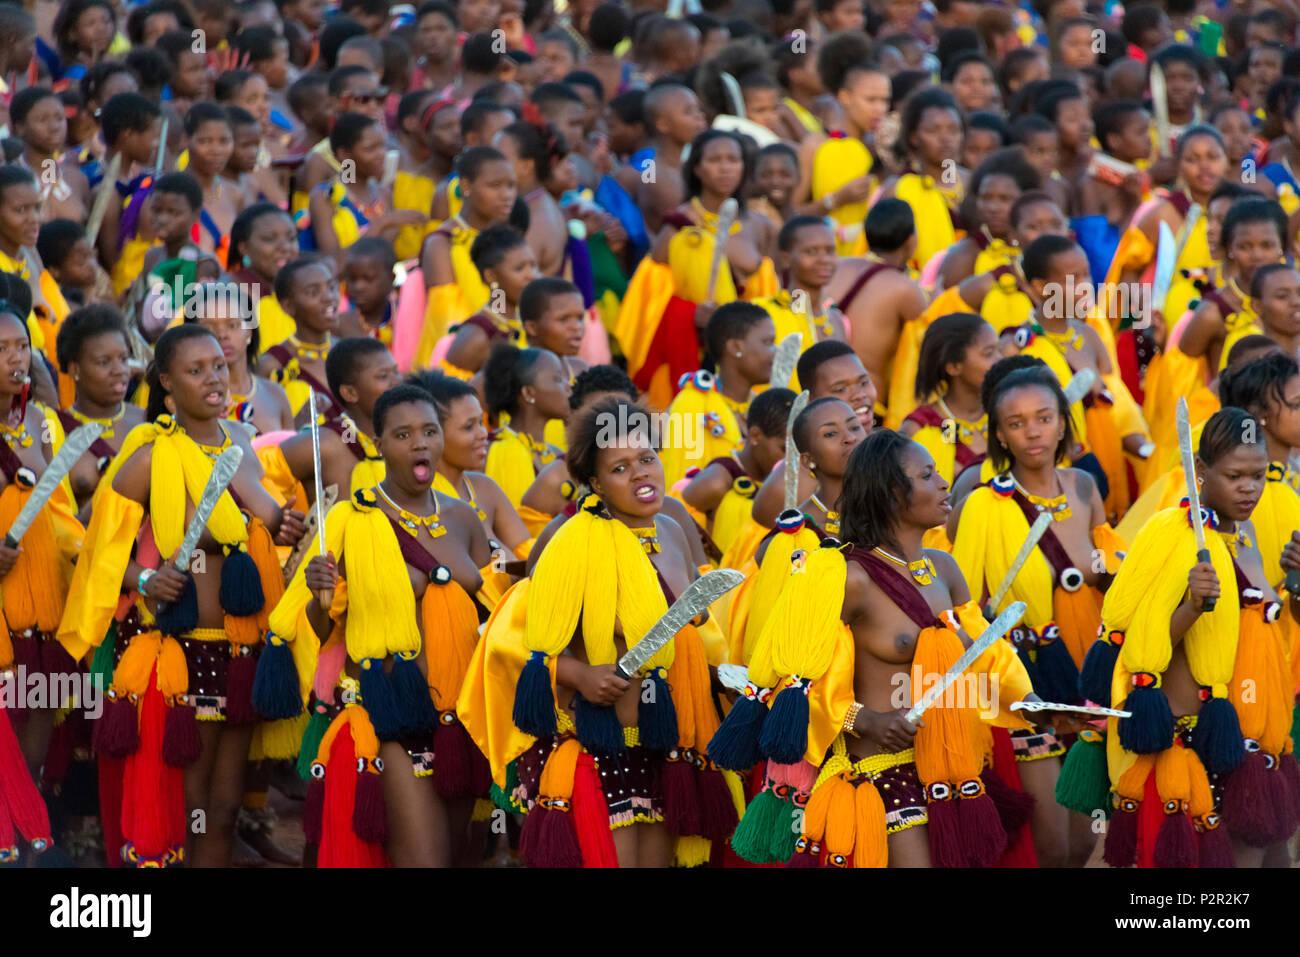 Swazi girls parade at Umhlanga (Reed Dance Festival), Swaziland Stock Photo